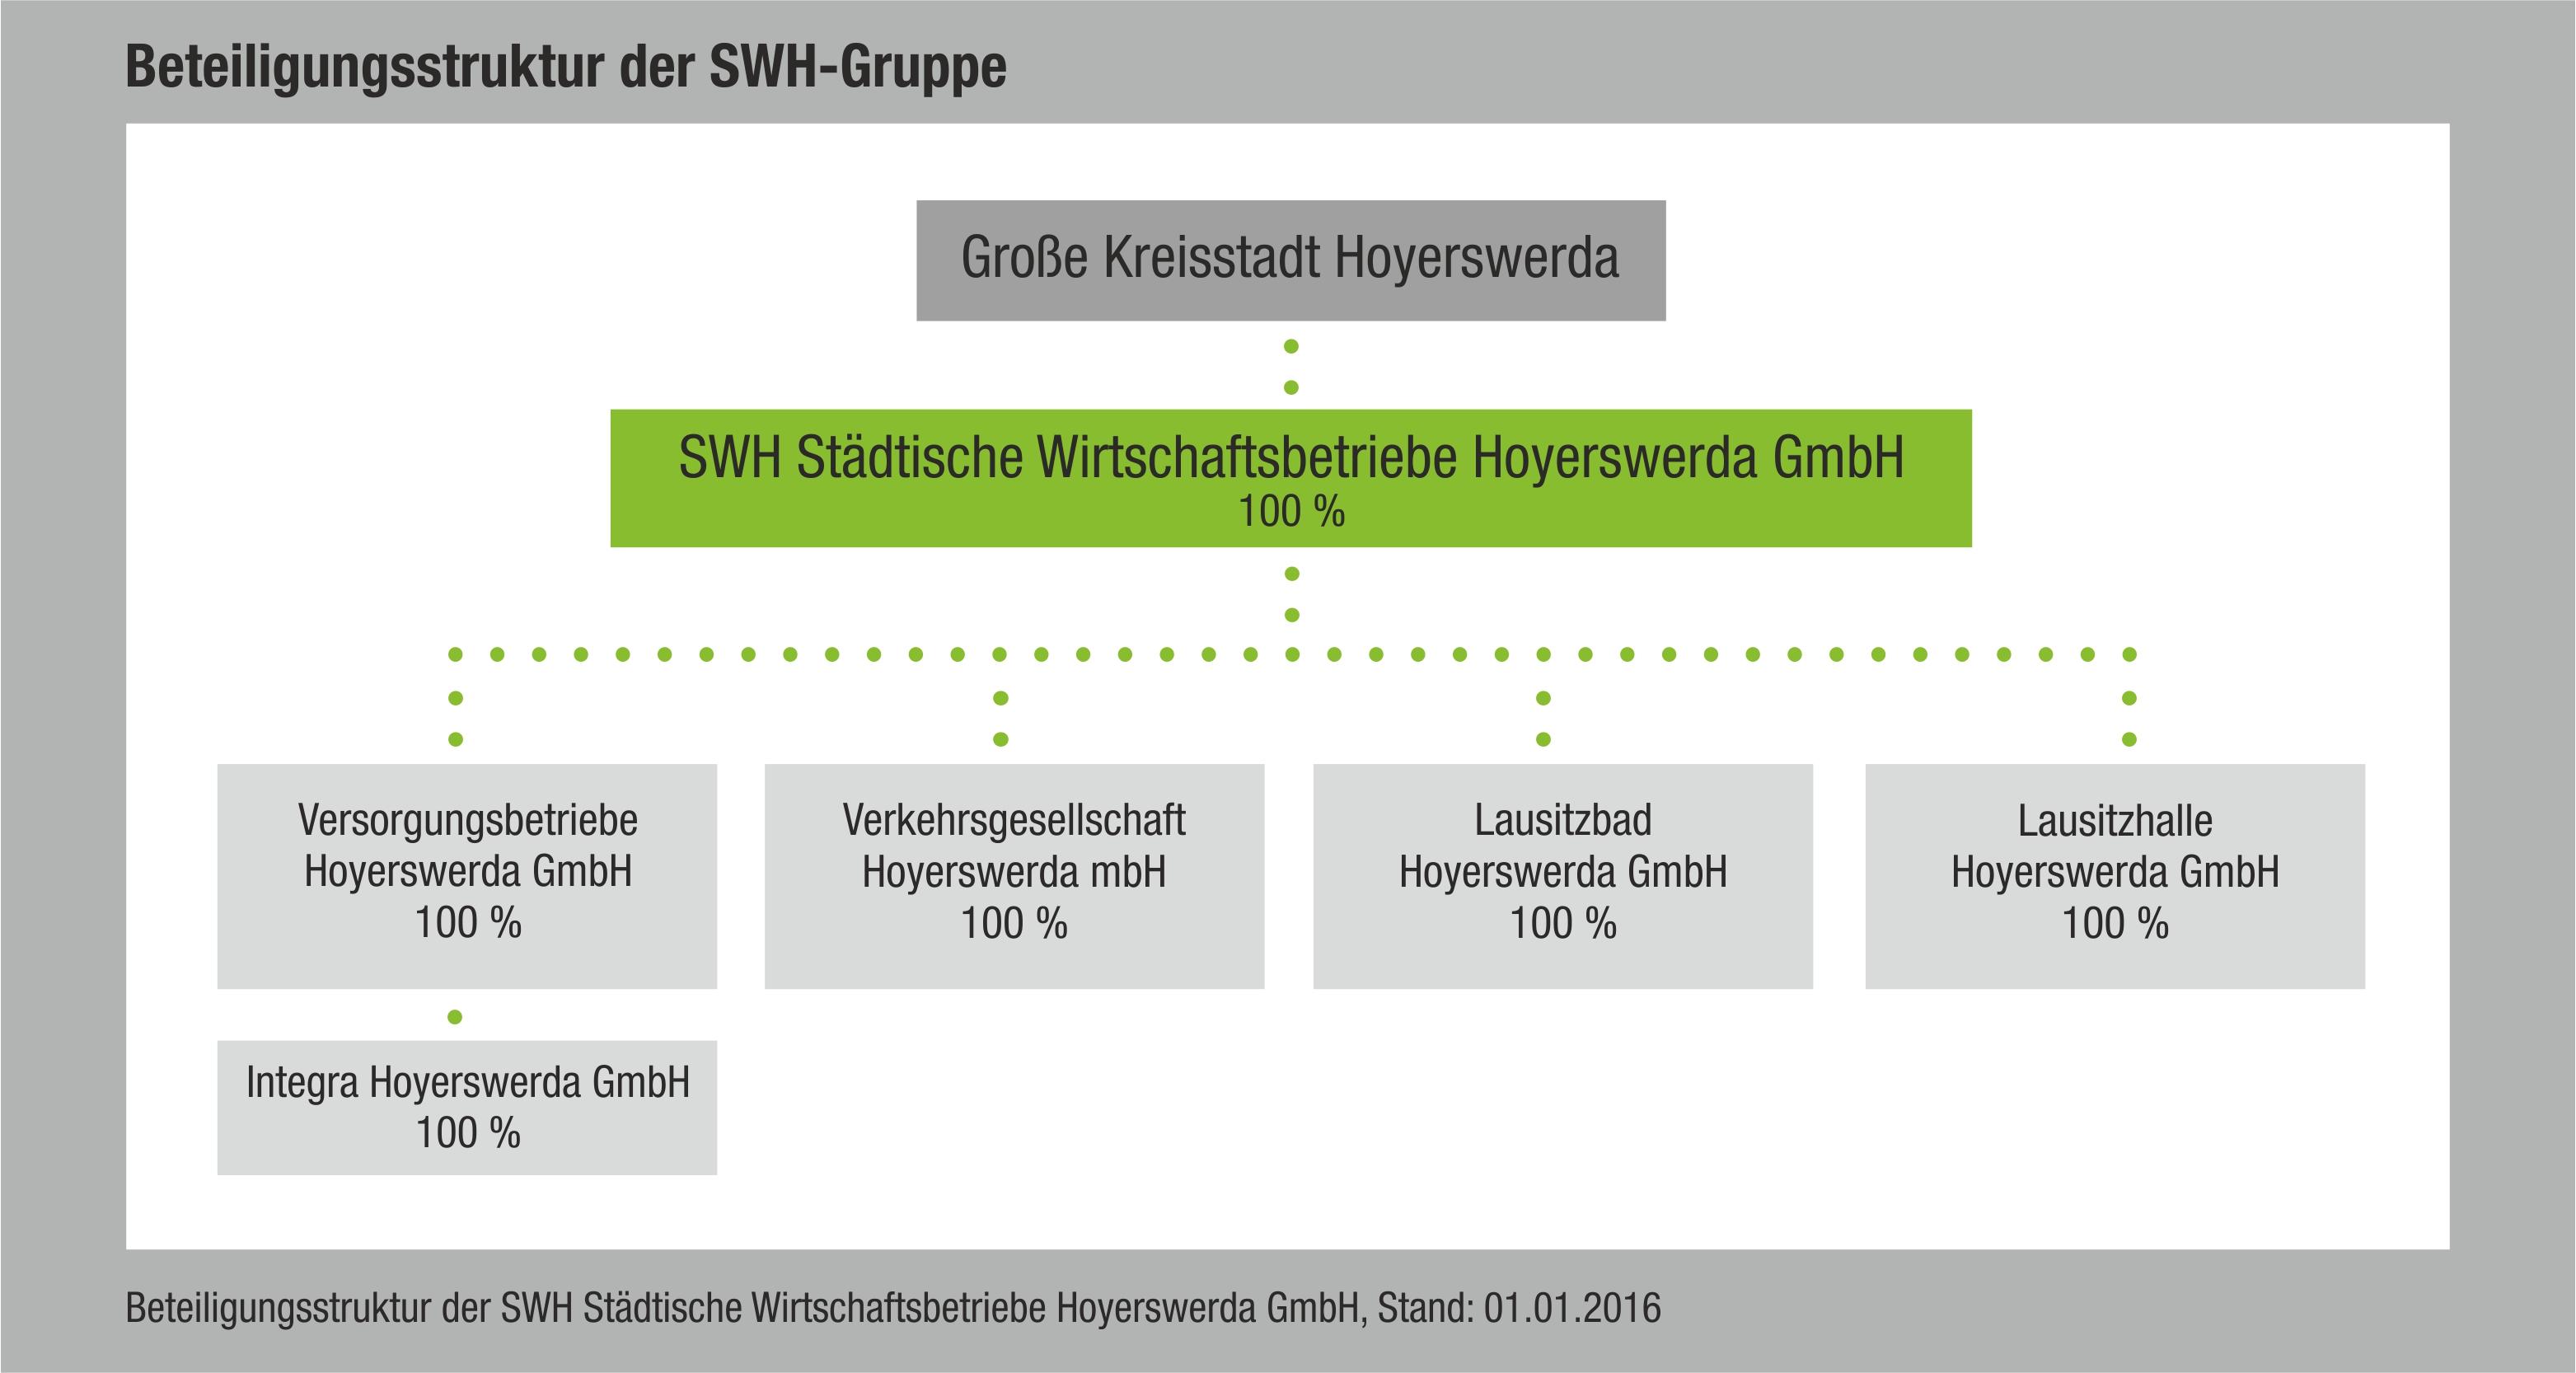 Grafik Beteiligungsstruktur